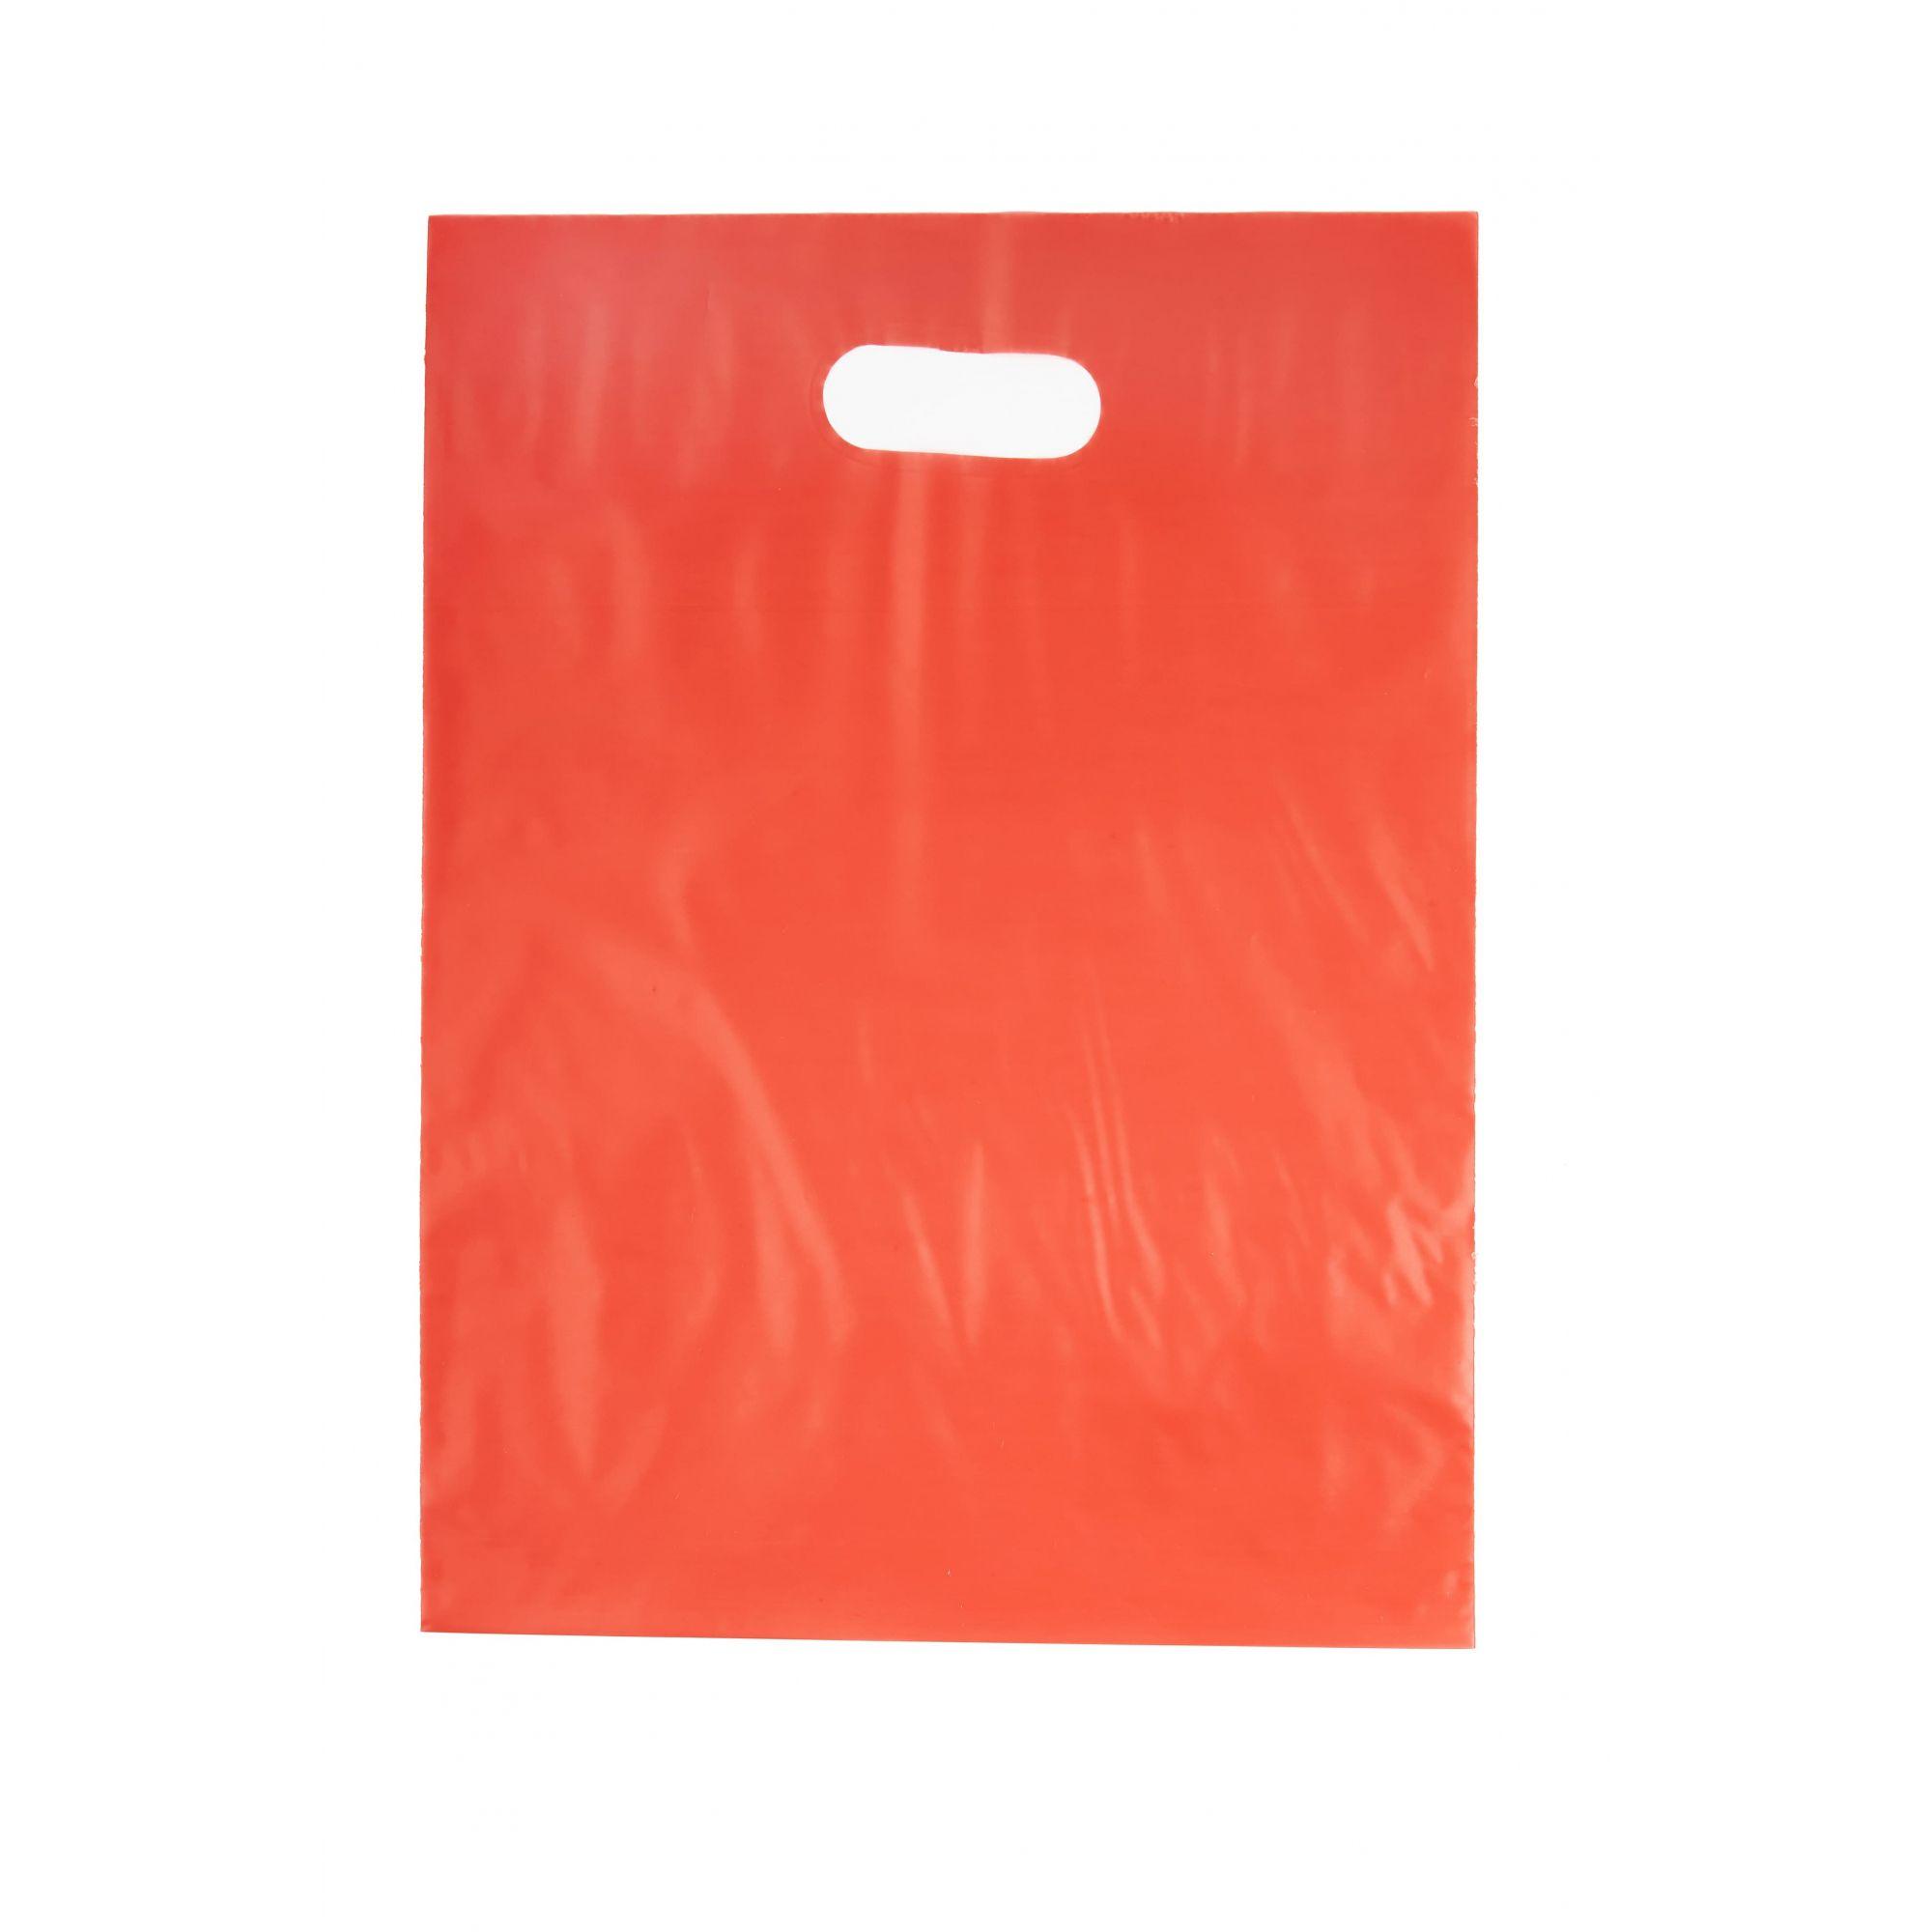 Sacola Plástica 35x44 Vermelha - Alça Boca de Palhaço